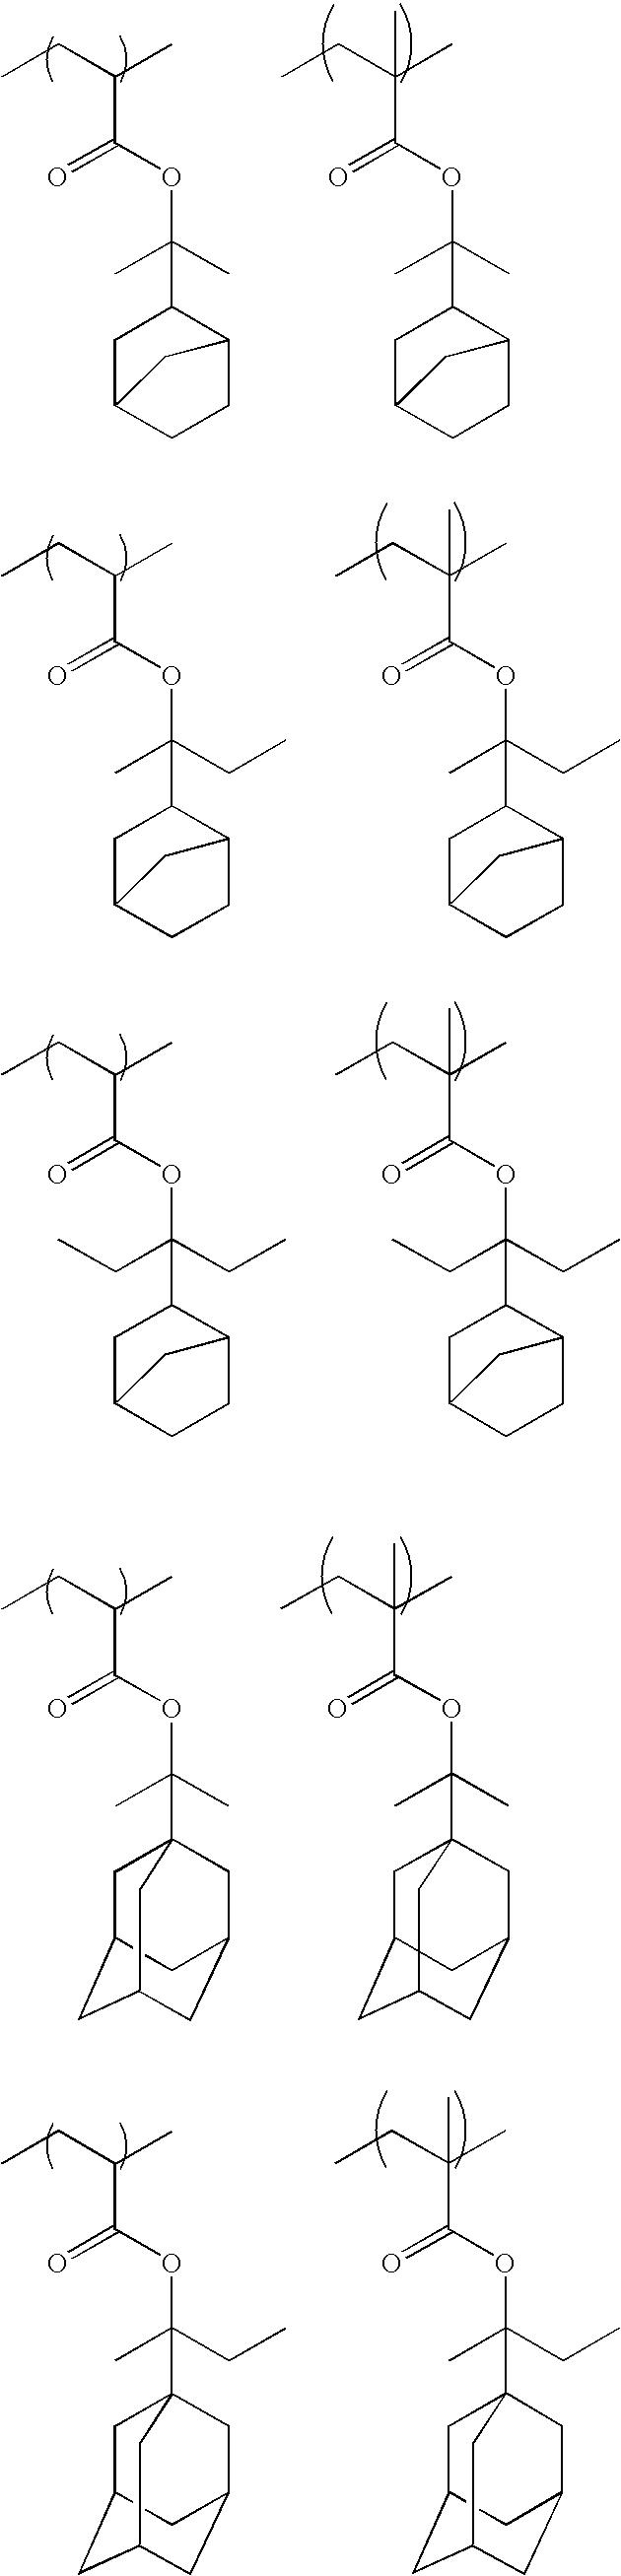 Figure US20090280434A1-20091112-C00042